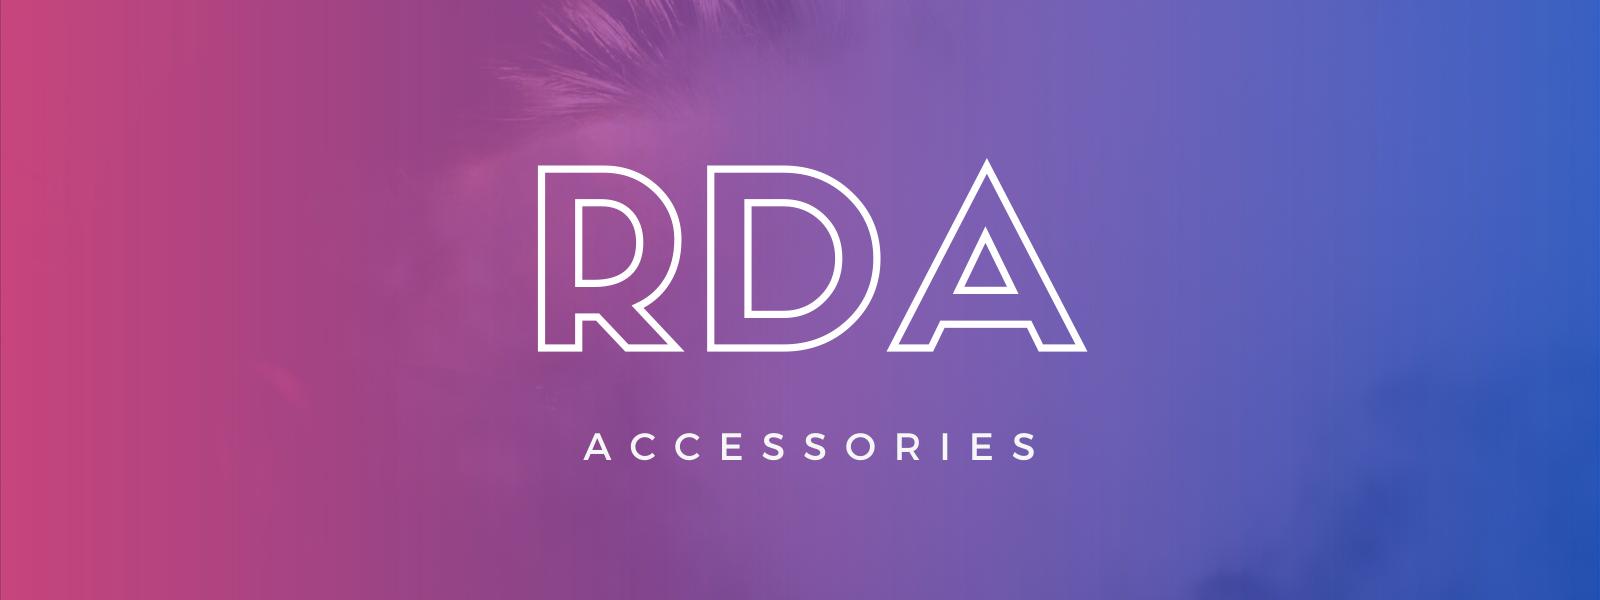 rda-accessories-wick-wire